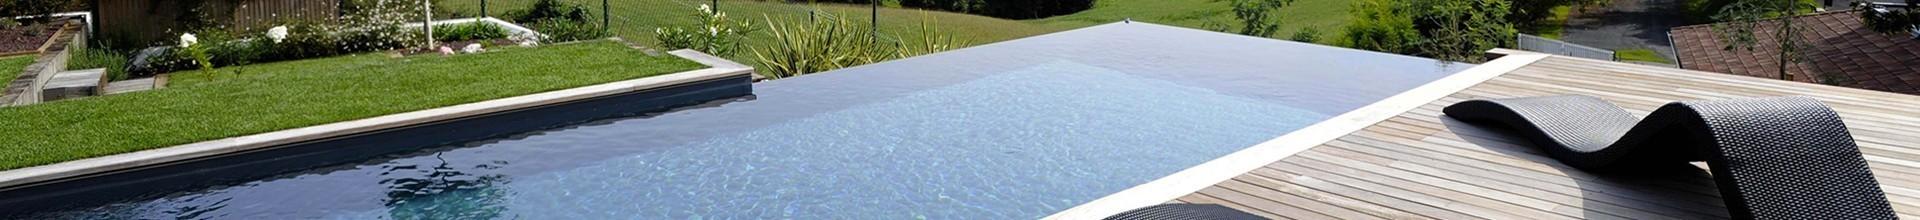 Gers Occitanie nettoyage d'une piscine en béton, robuste, durable